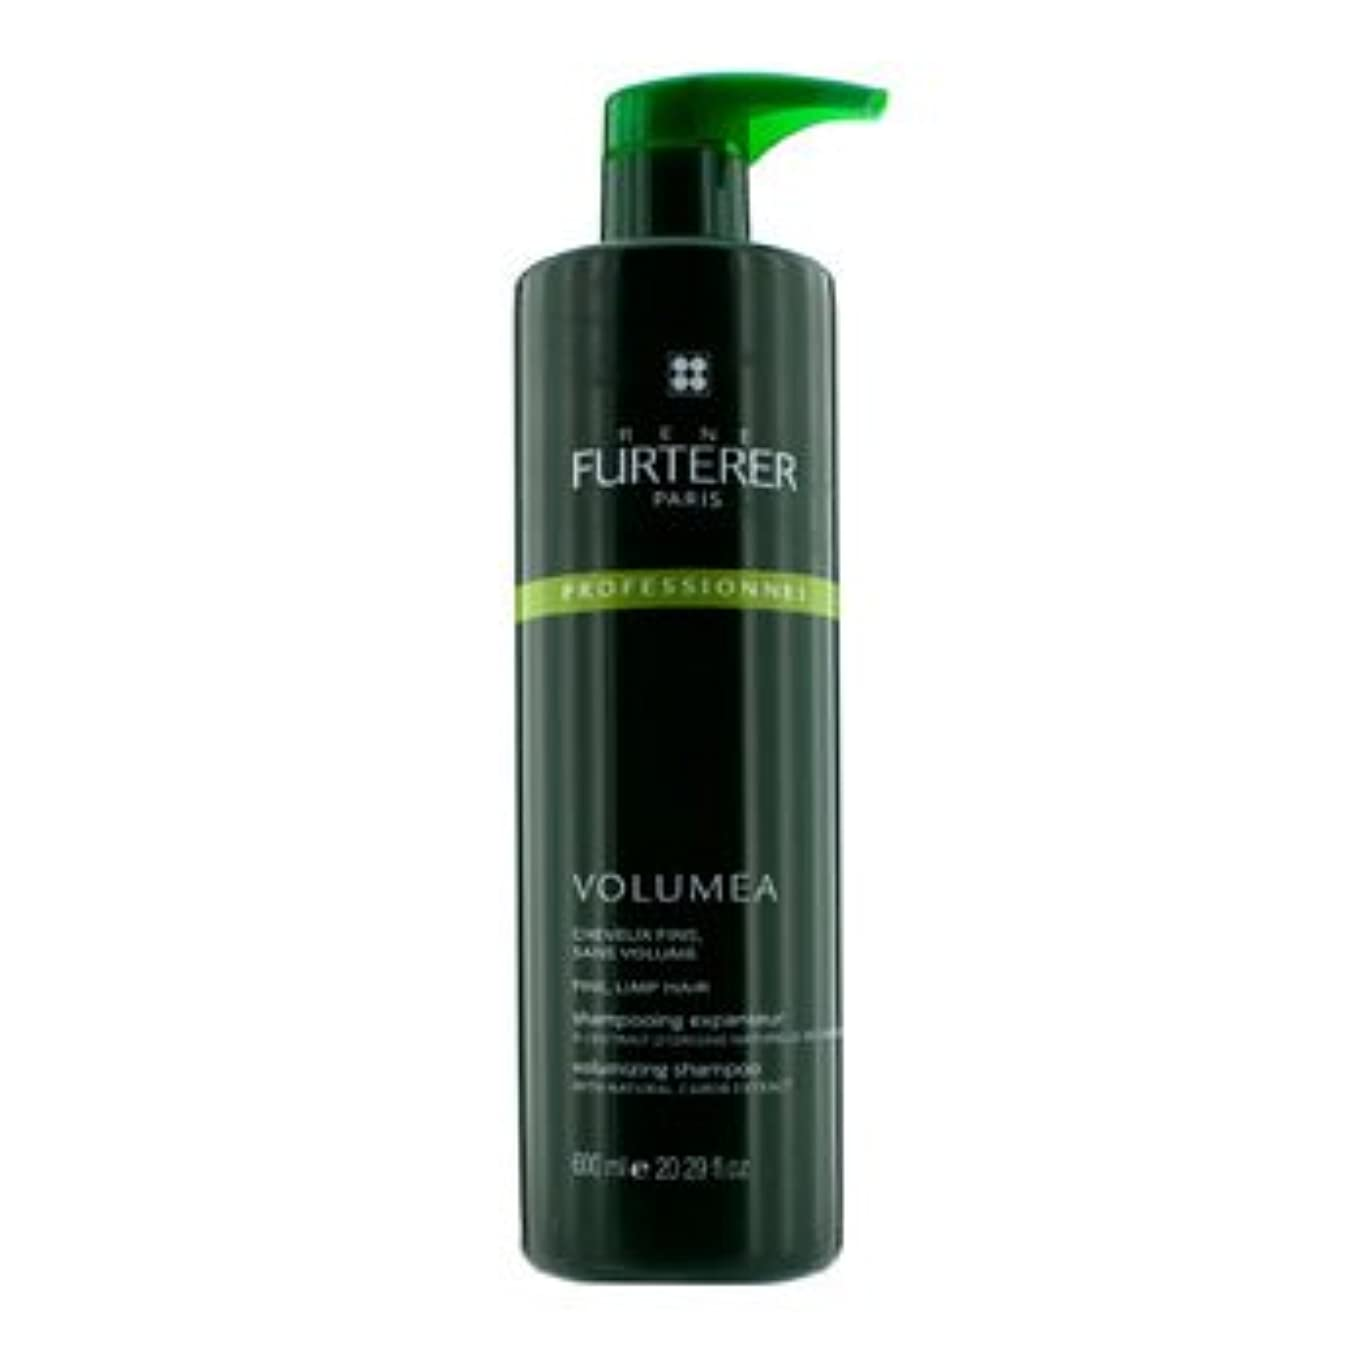 マイクロプロセッサドループ日食[Rene Furterer] Volumea Volumizing Shampoo (For Fine and Limp Hair) 600ml/20.29oz